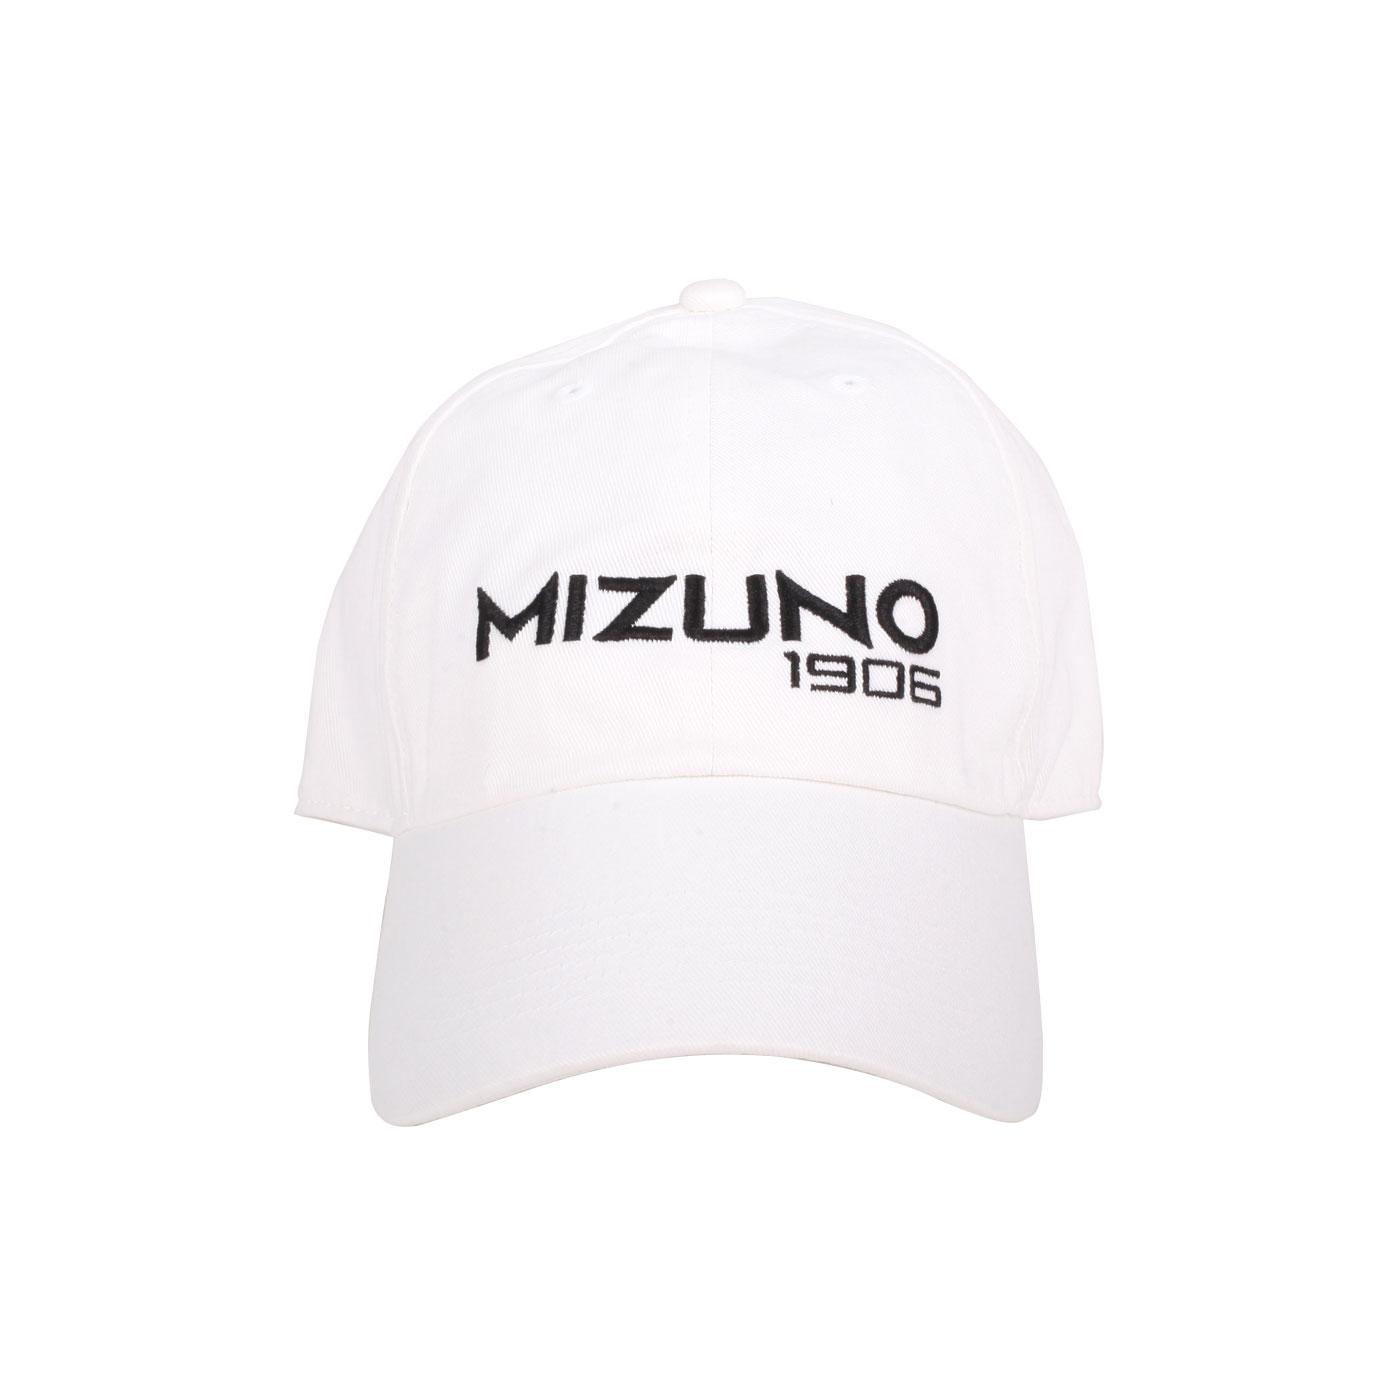 MIZUNO 1906系列運動帽 D2TW000501 - 白黑